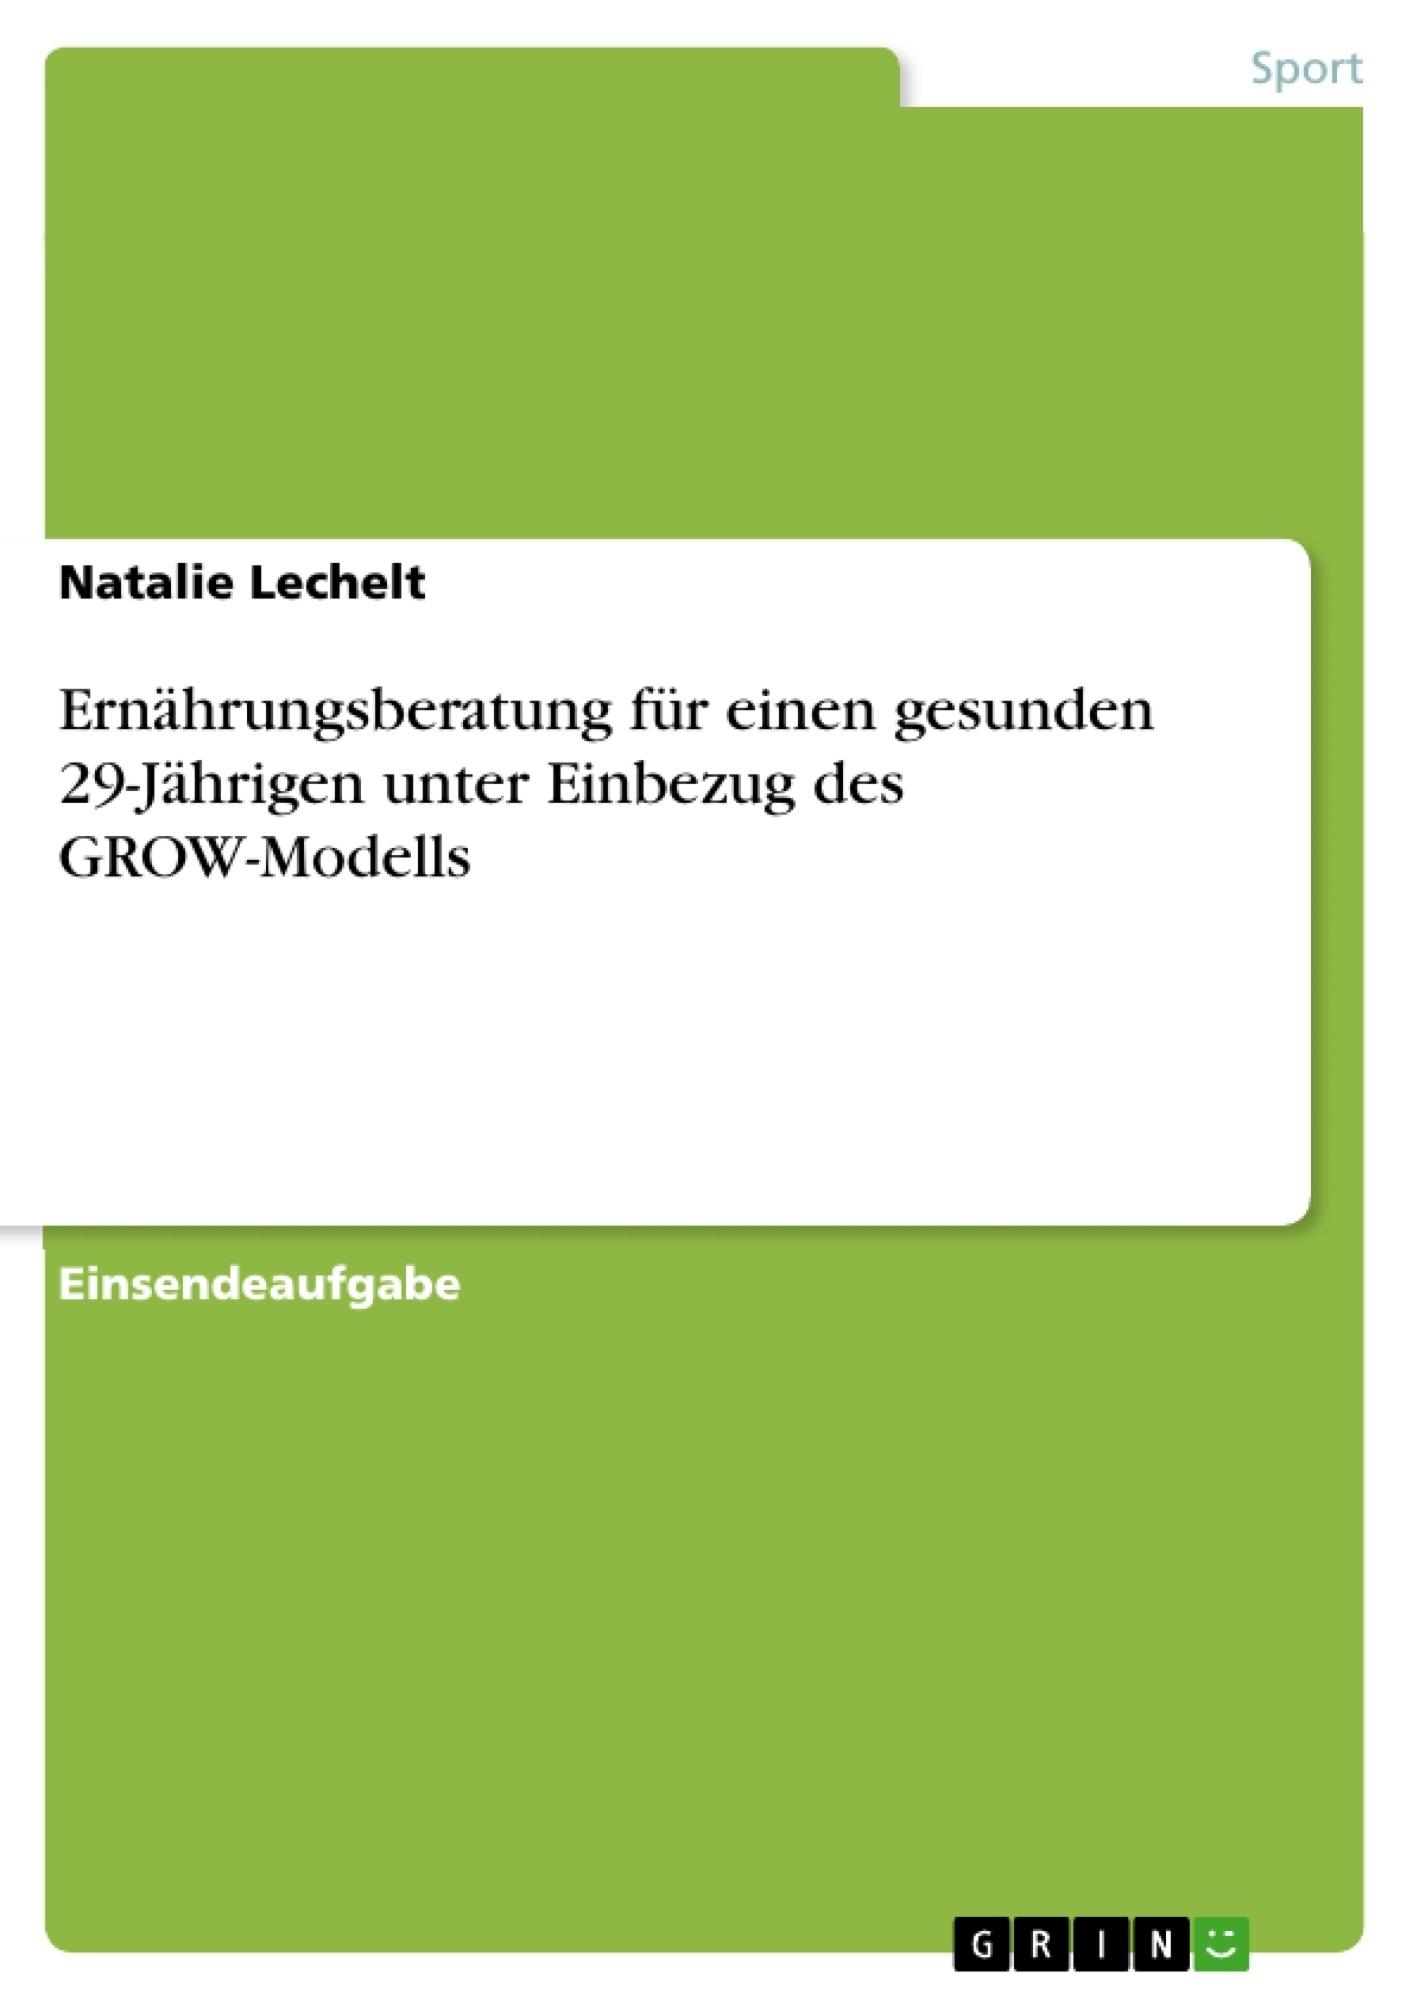 Titel: Ernährungsberatung für einen gesunden 29-Jährigen unter Einbezug des GROW-Modells